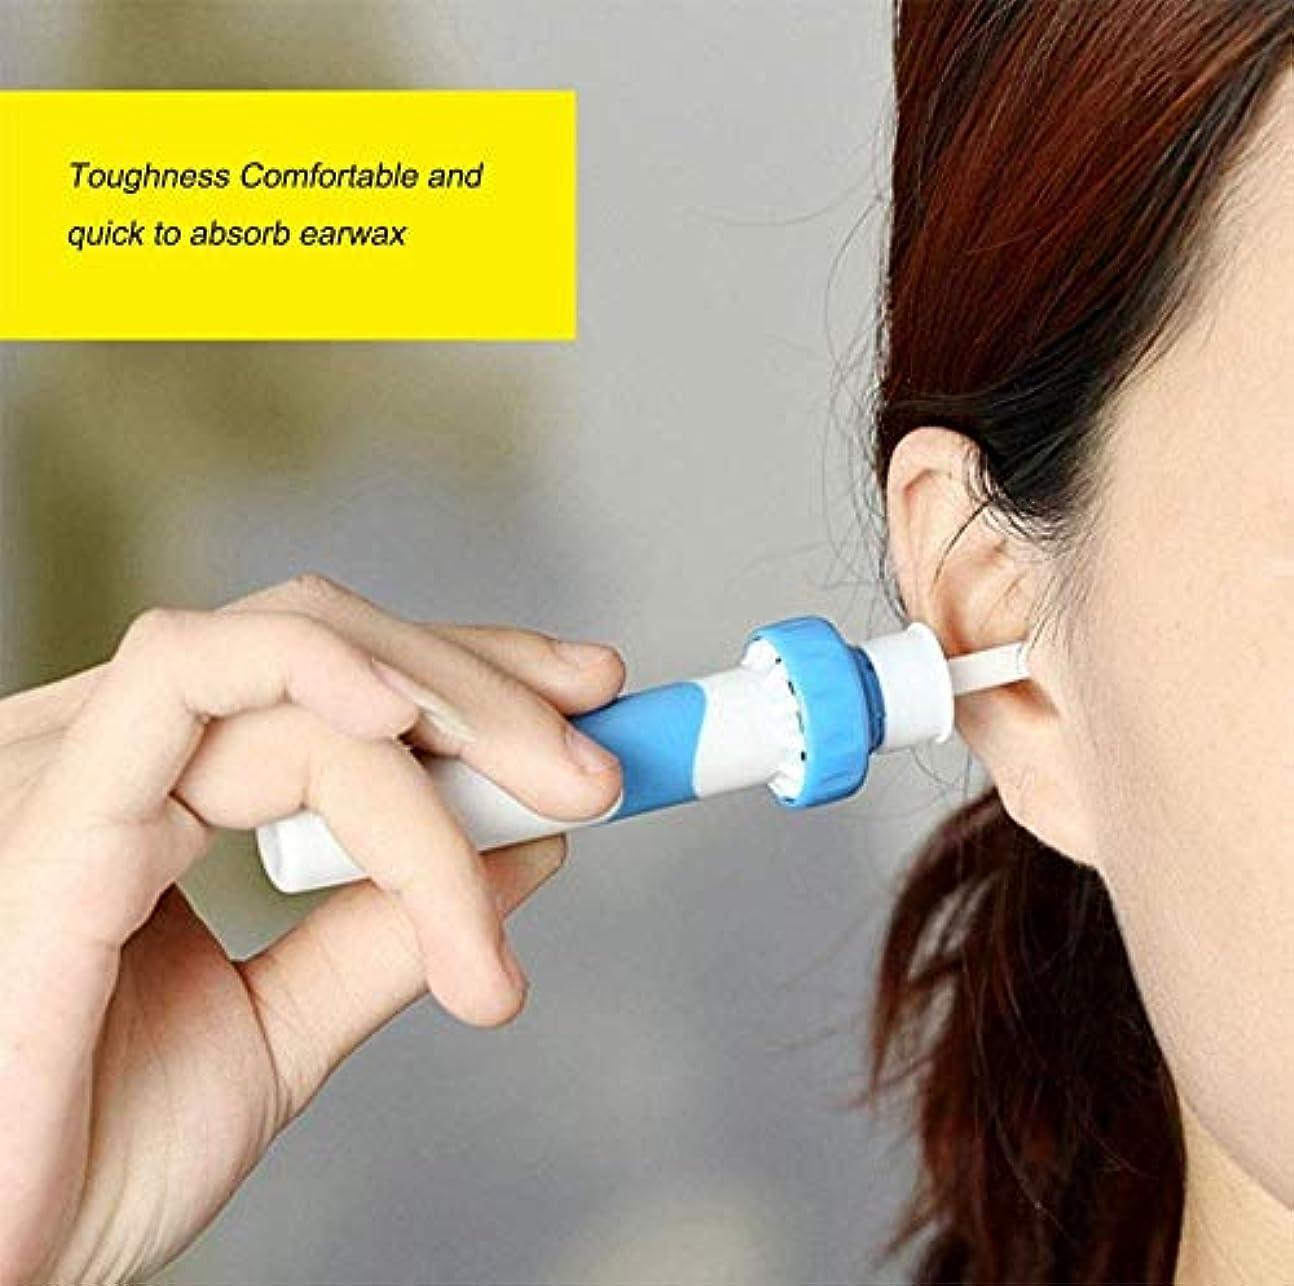 キャメル小道具高潔なポータブル自動電動バキューム耳ワックス耳垢除去ツールキット、耳掃除機簡単耳垢の除去ソフトを防ぐ大人子供のために設定クリーンツール(2個)を耳ピック